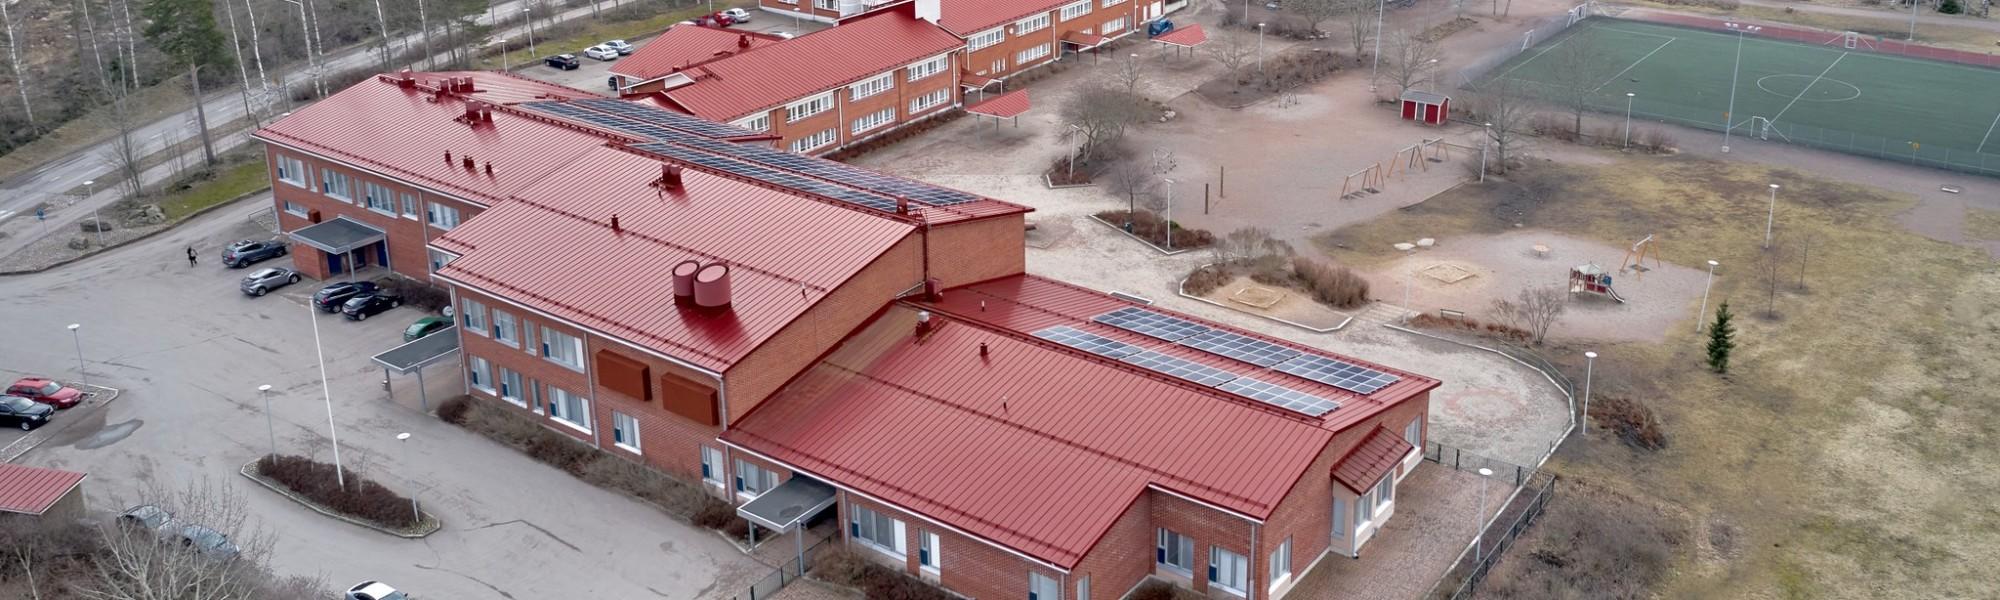 Mussalon koulu ilmasta käsin kuvattuna